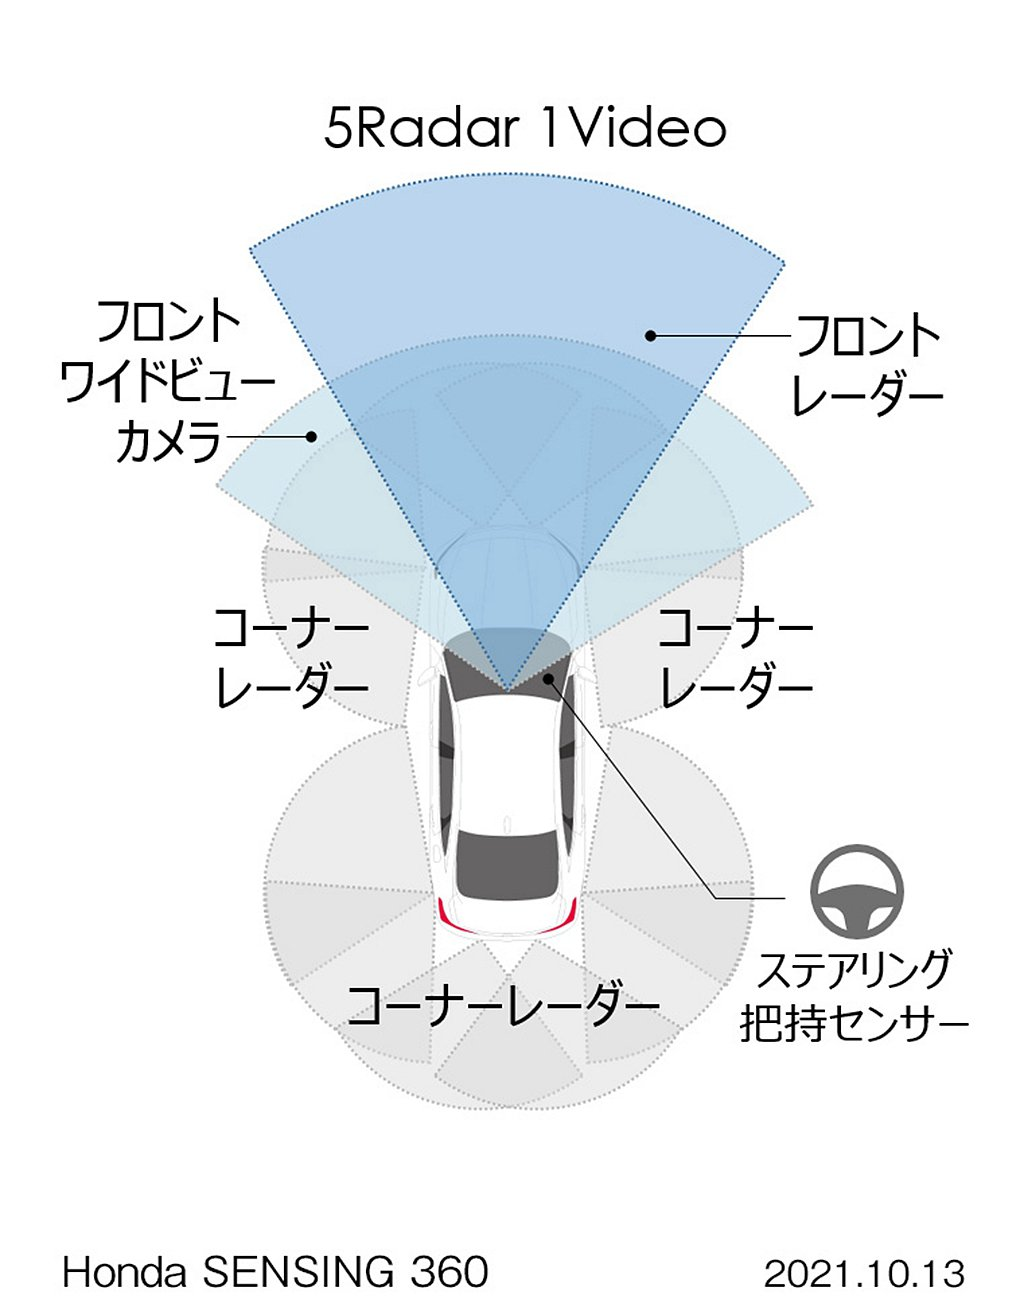 Honda SENSING 360除車頭攝影鏡頭之外,在車身周圍新增5個毫米波雷...